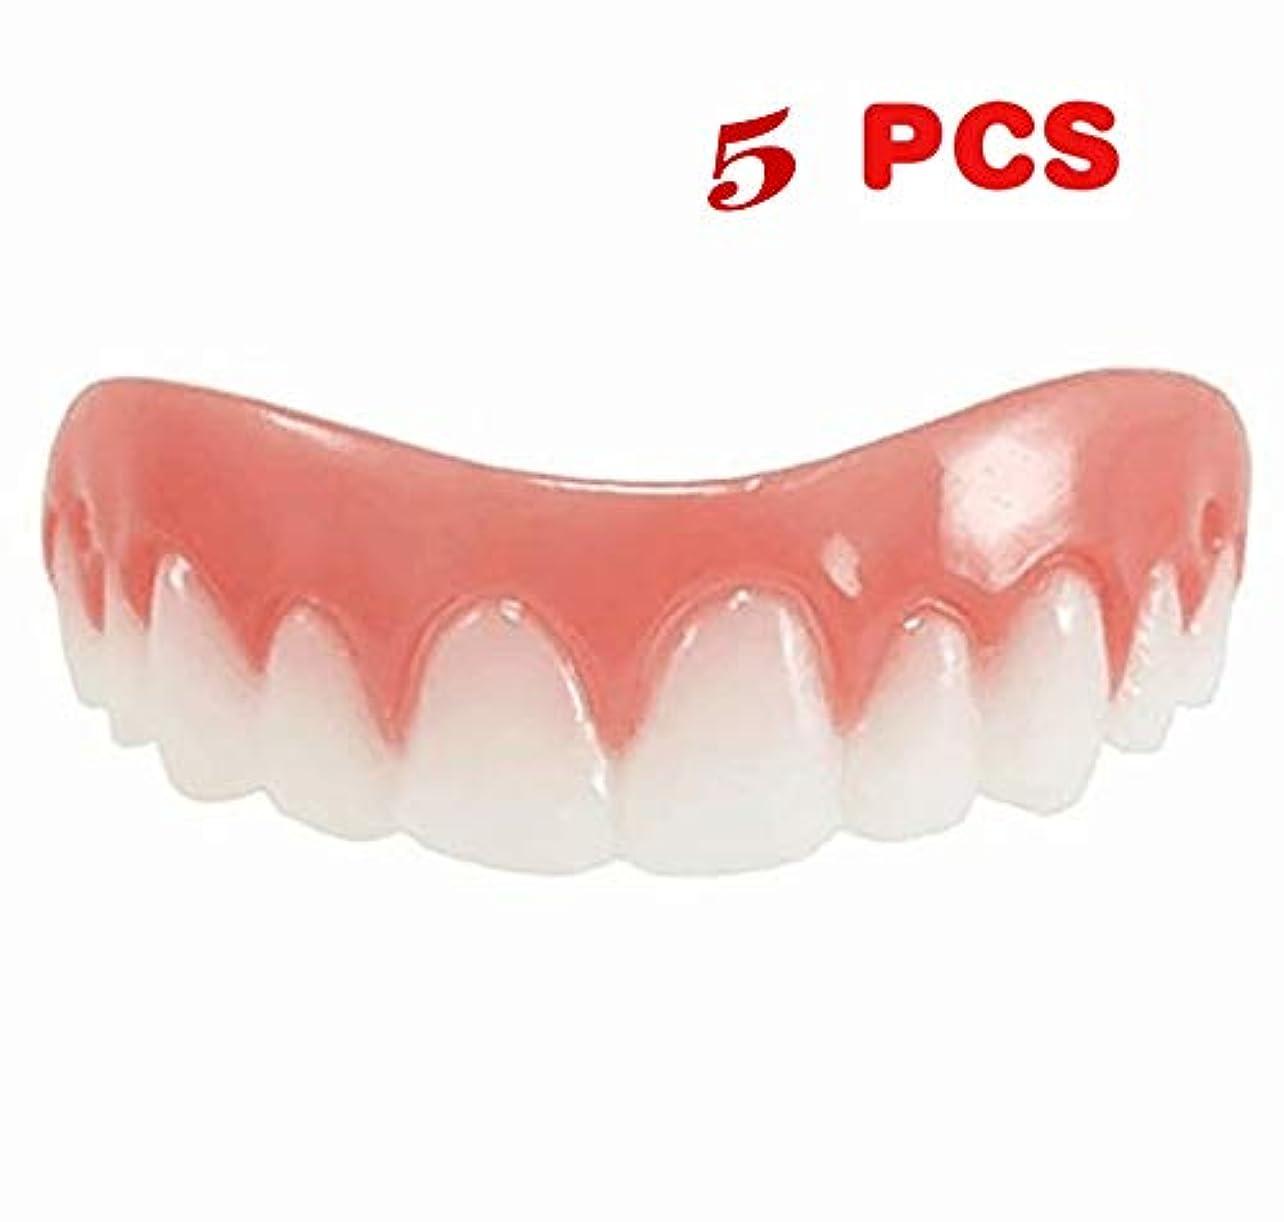 大胆未使用聡明5ピース新しい再利用可能な大人のスナップオンパーフェクトスマイルホワイトニング義歯フィットフレックス化粧品歯快適な突き板カバーデンタルケアアクセサリー